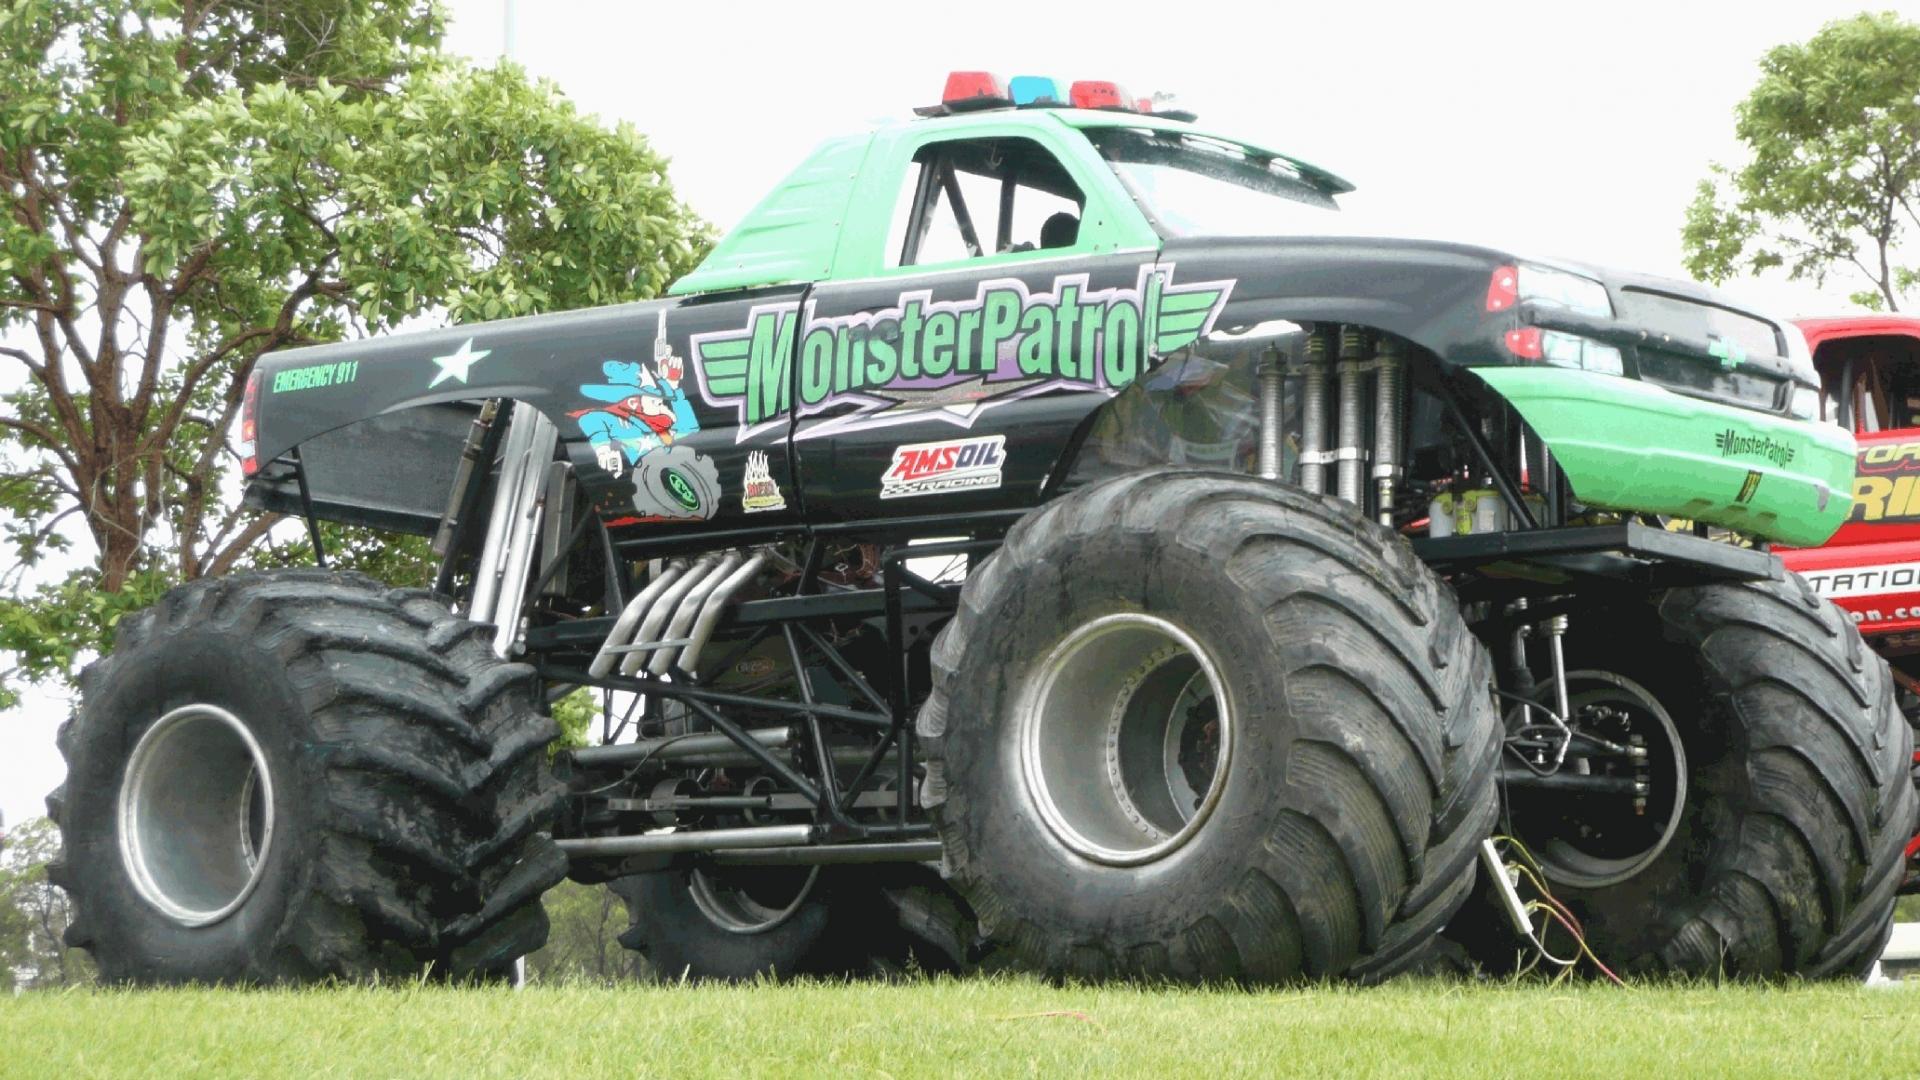 Monster Truck Racing 1920x1080 Wallpapers